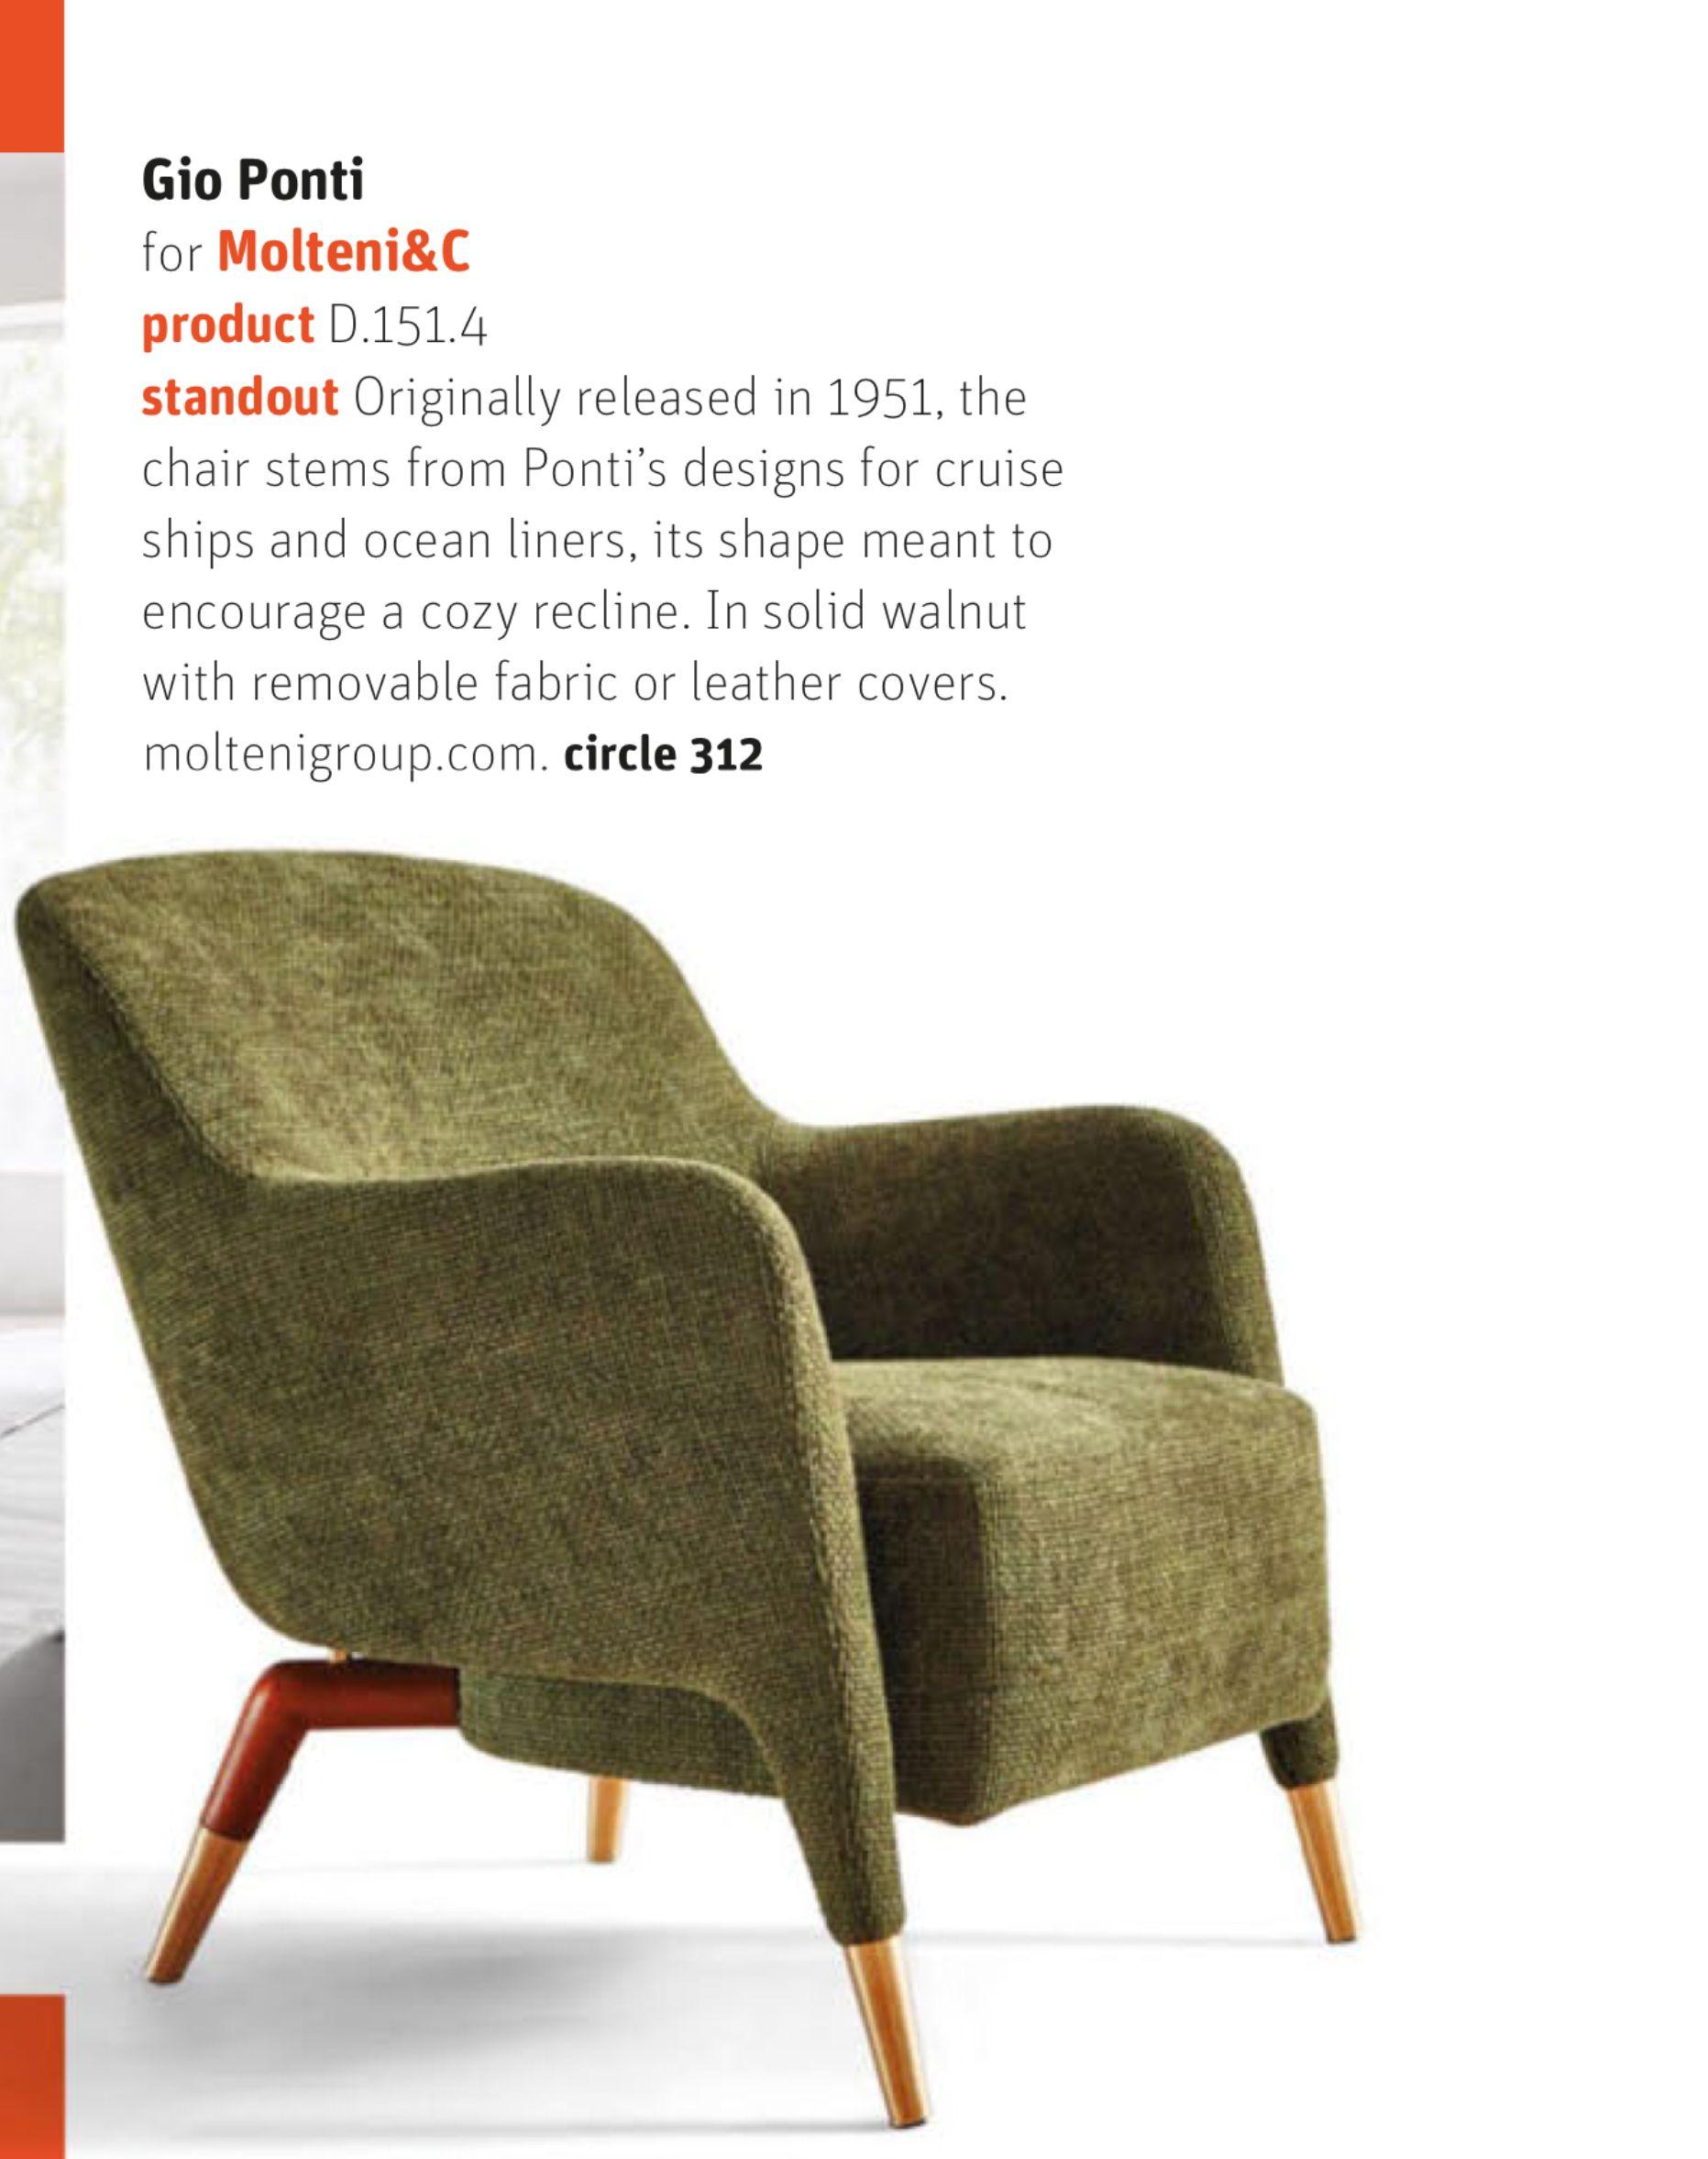 Pin By Tom Newbold On Furniture Ideas Solid Walnut Furniture